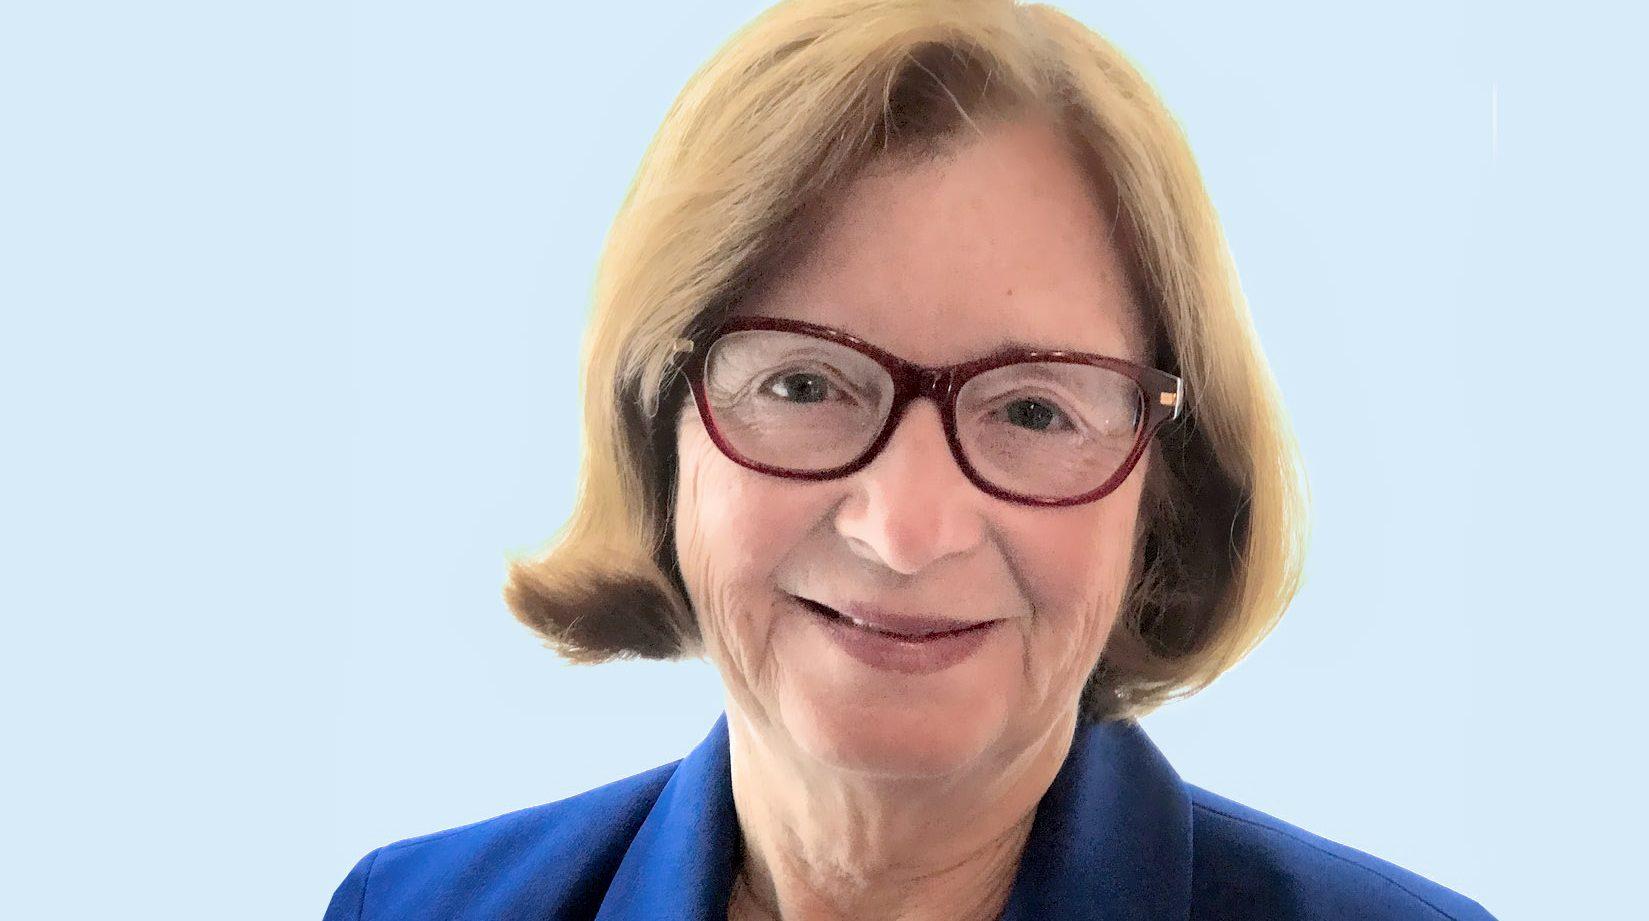 Barbara Yawn